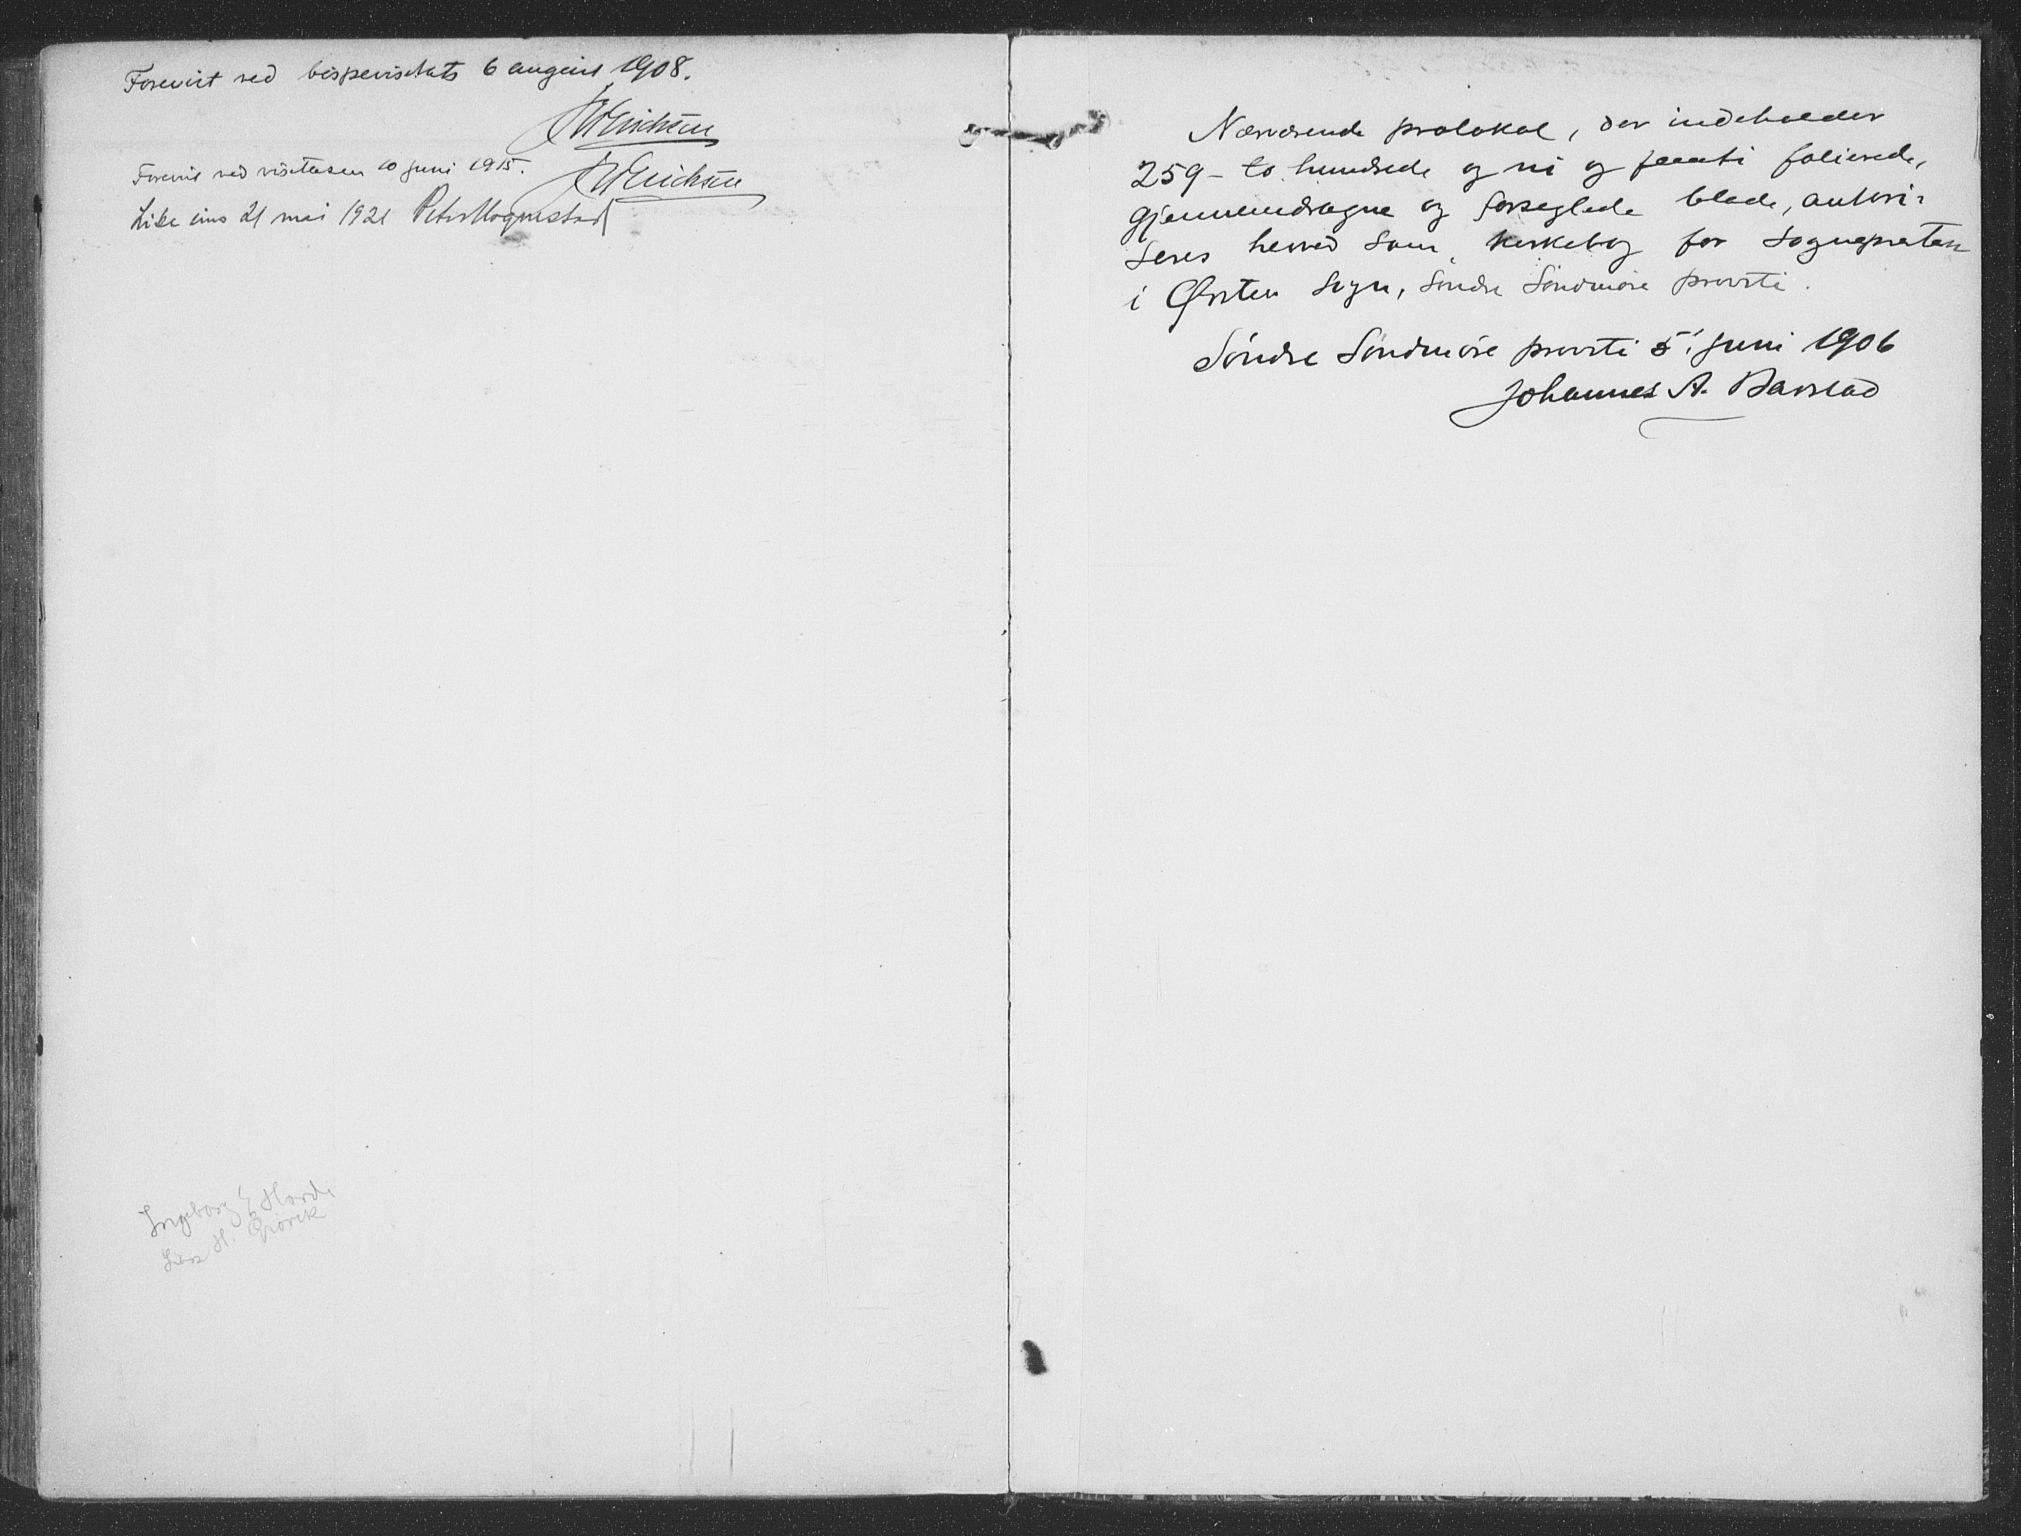 SAT, Ministerialprotokoller, klokkerbøker og fødselsregistre - Møre og Romsdal, 513/L0178: Ministerialbok nr. 513A05, 1906-1919